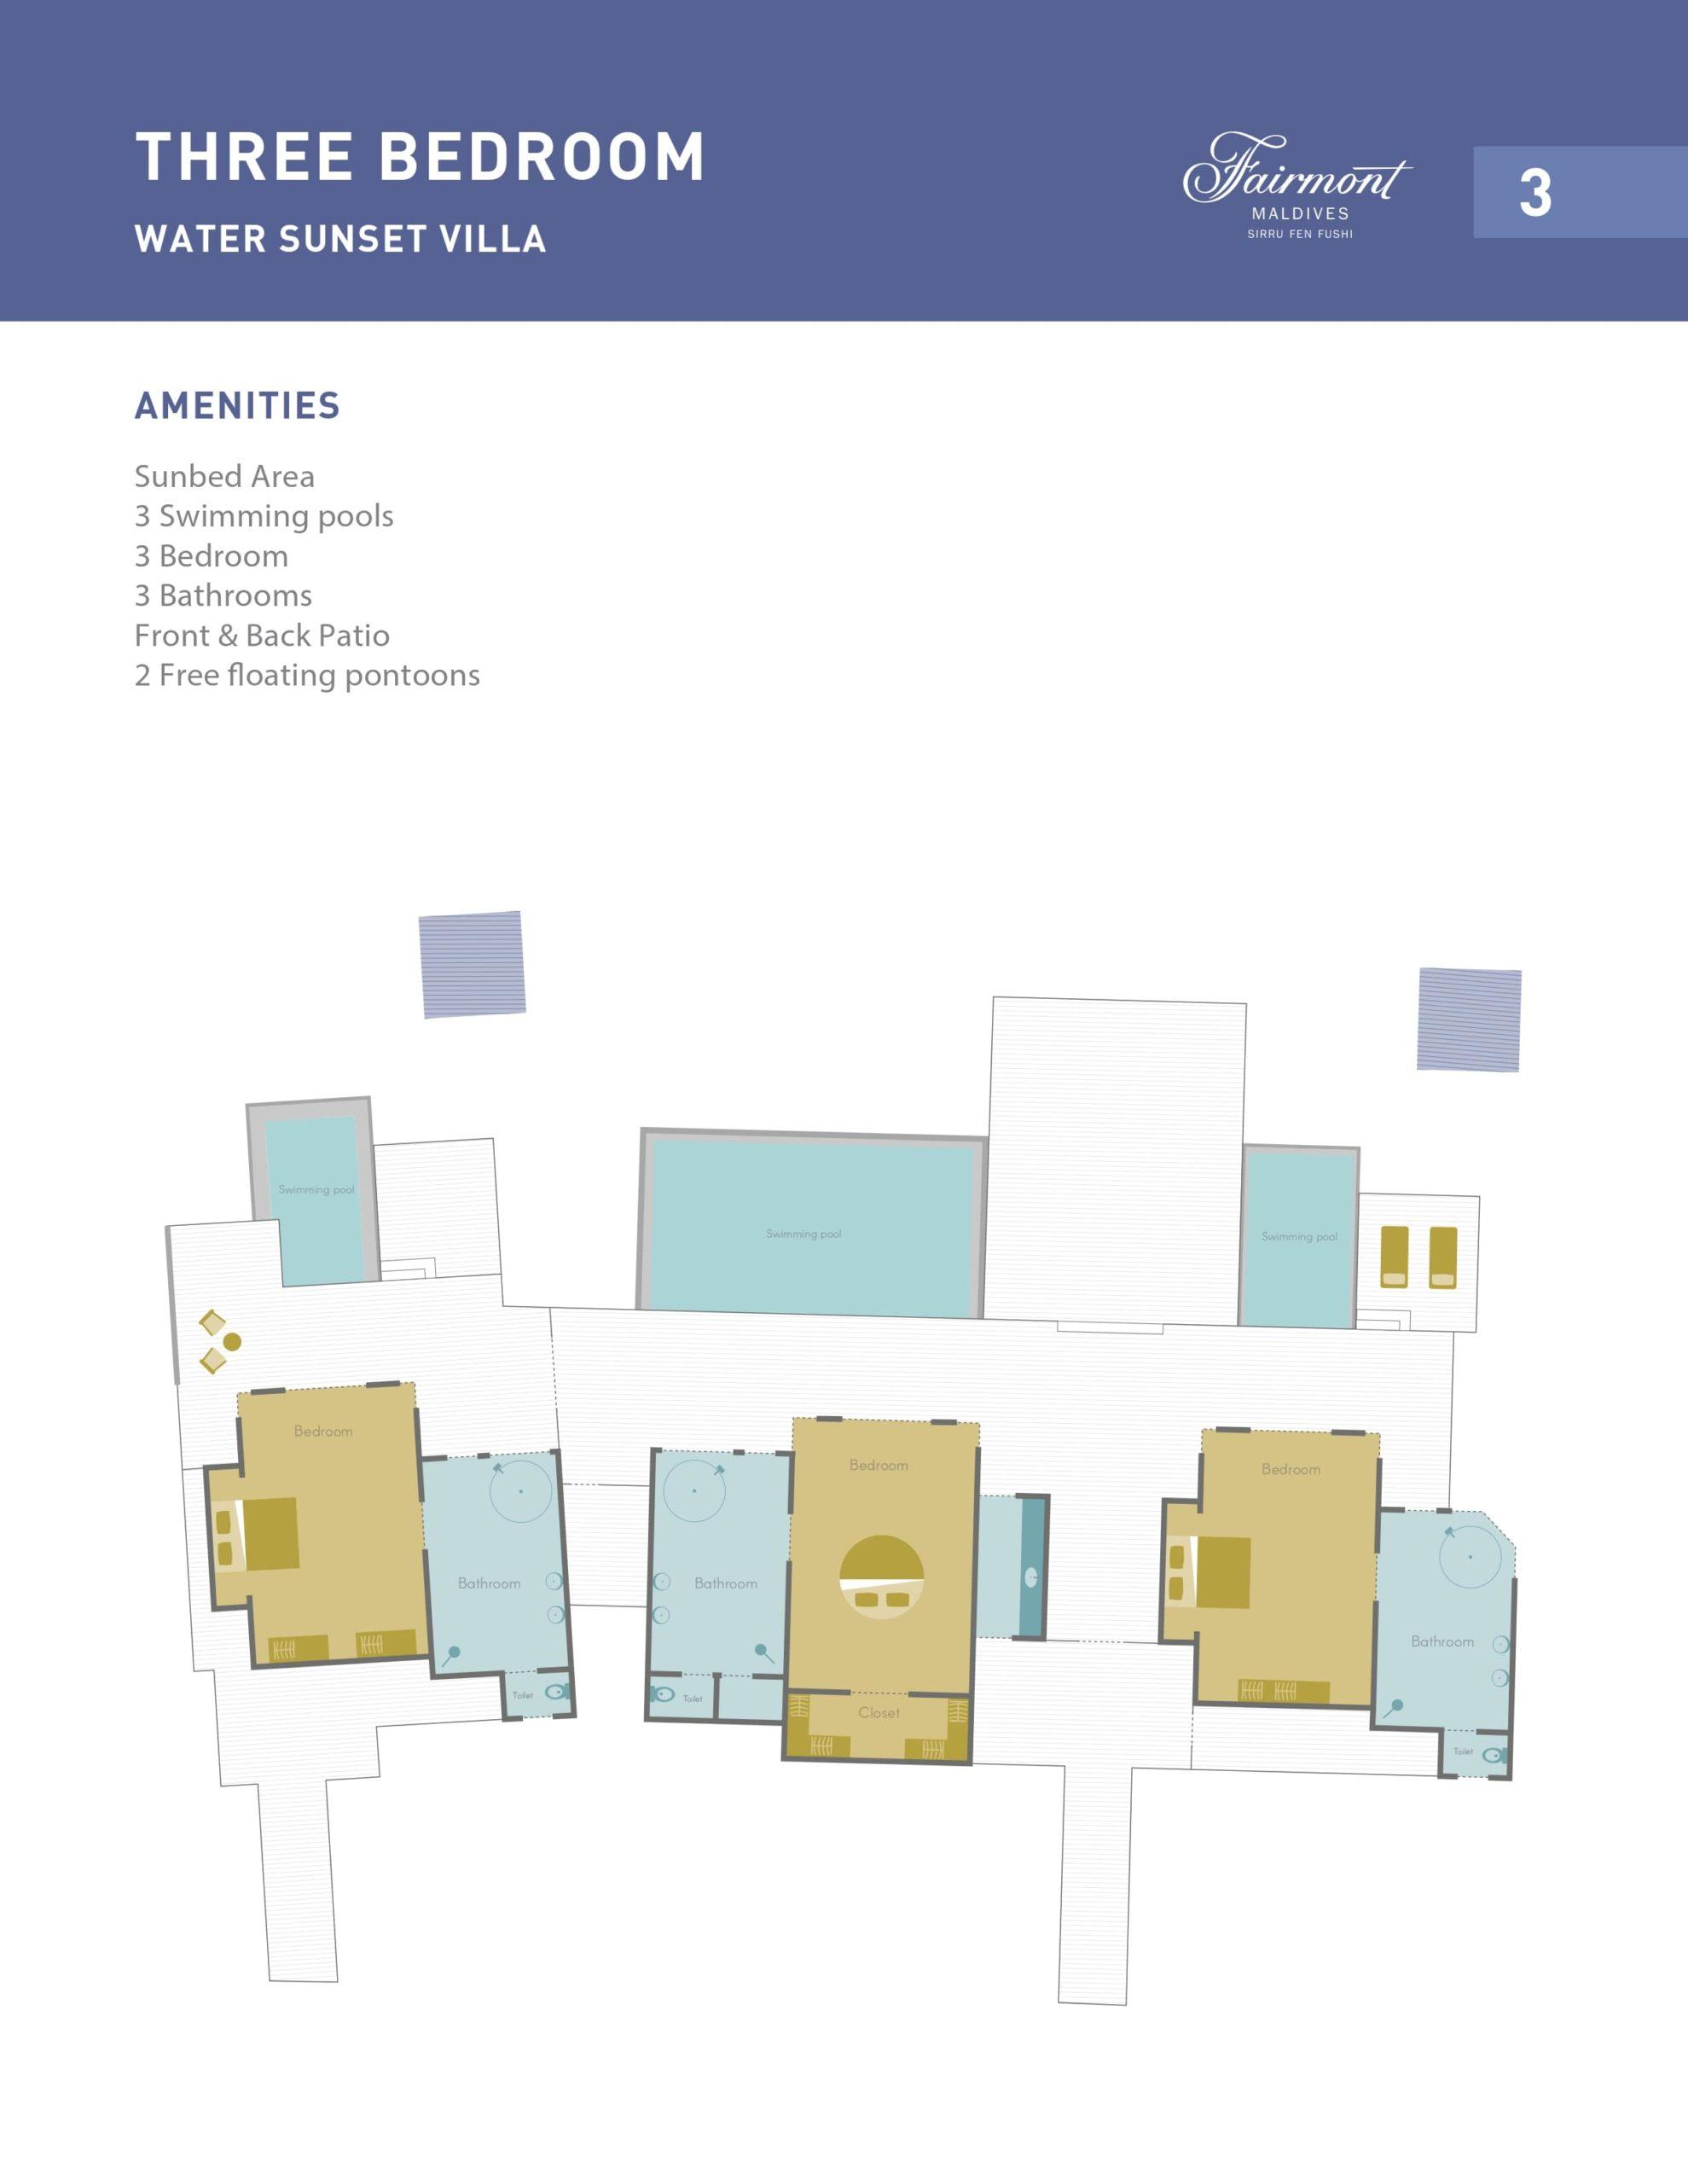 Мальдивы, отель Fairmont Maldives Sirru Fen Fushi, план-схема номера Three Bedroom Water Sunset Villa